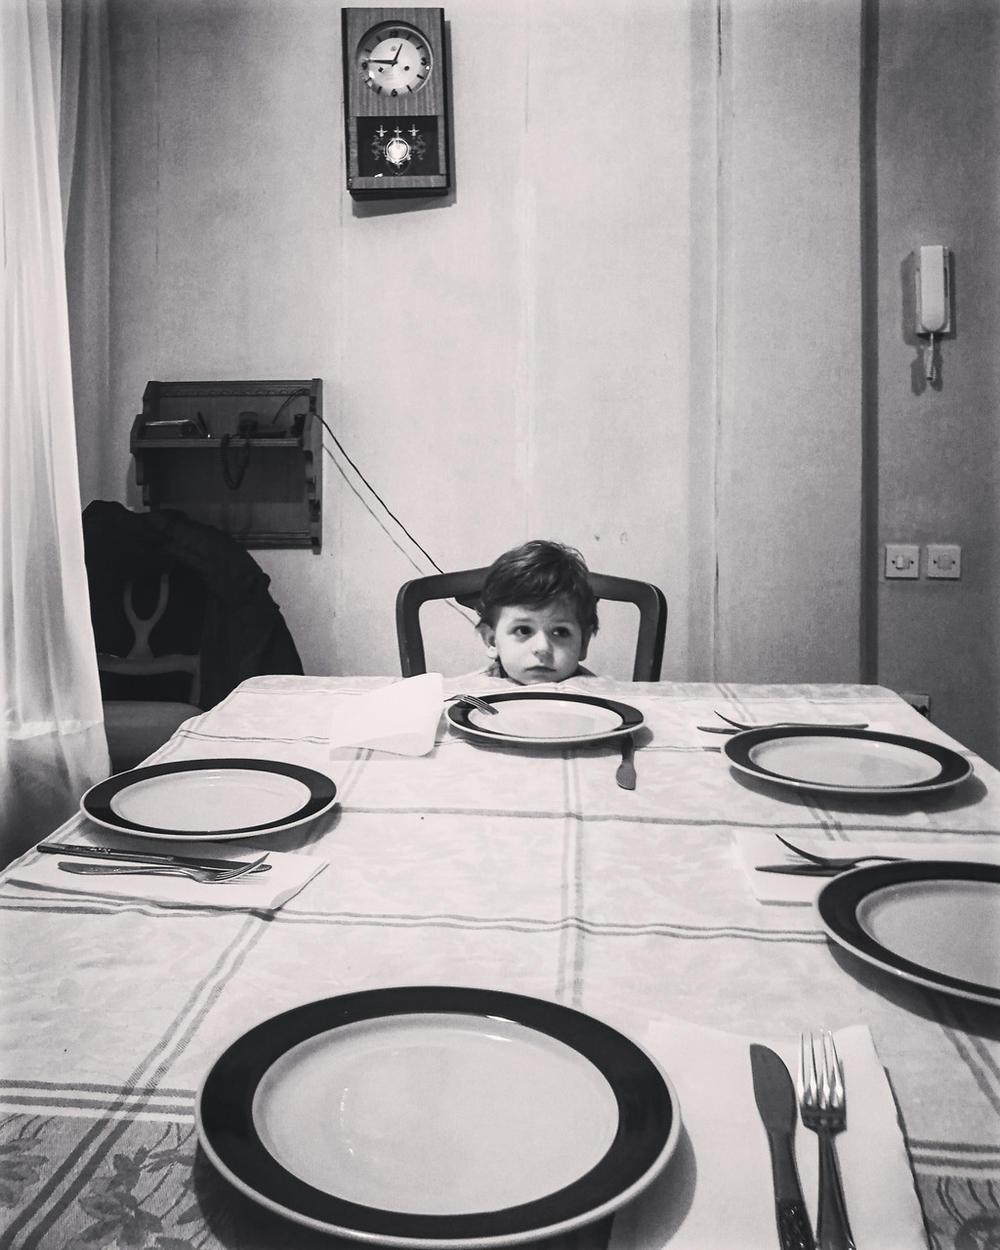 Долгожданный семейный обед, © Марко Рисович, Конкурс мобильной фотографии Huawei